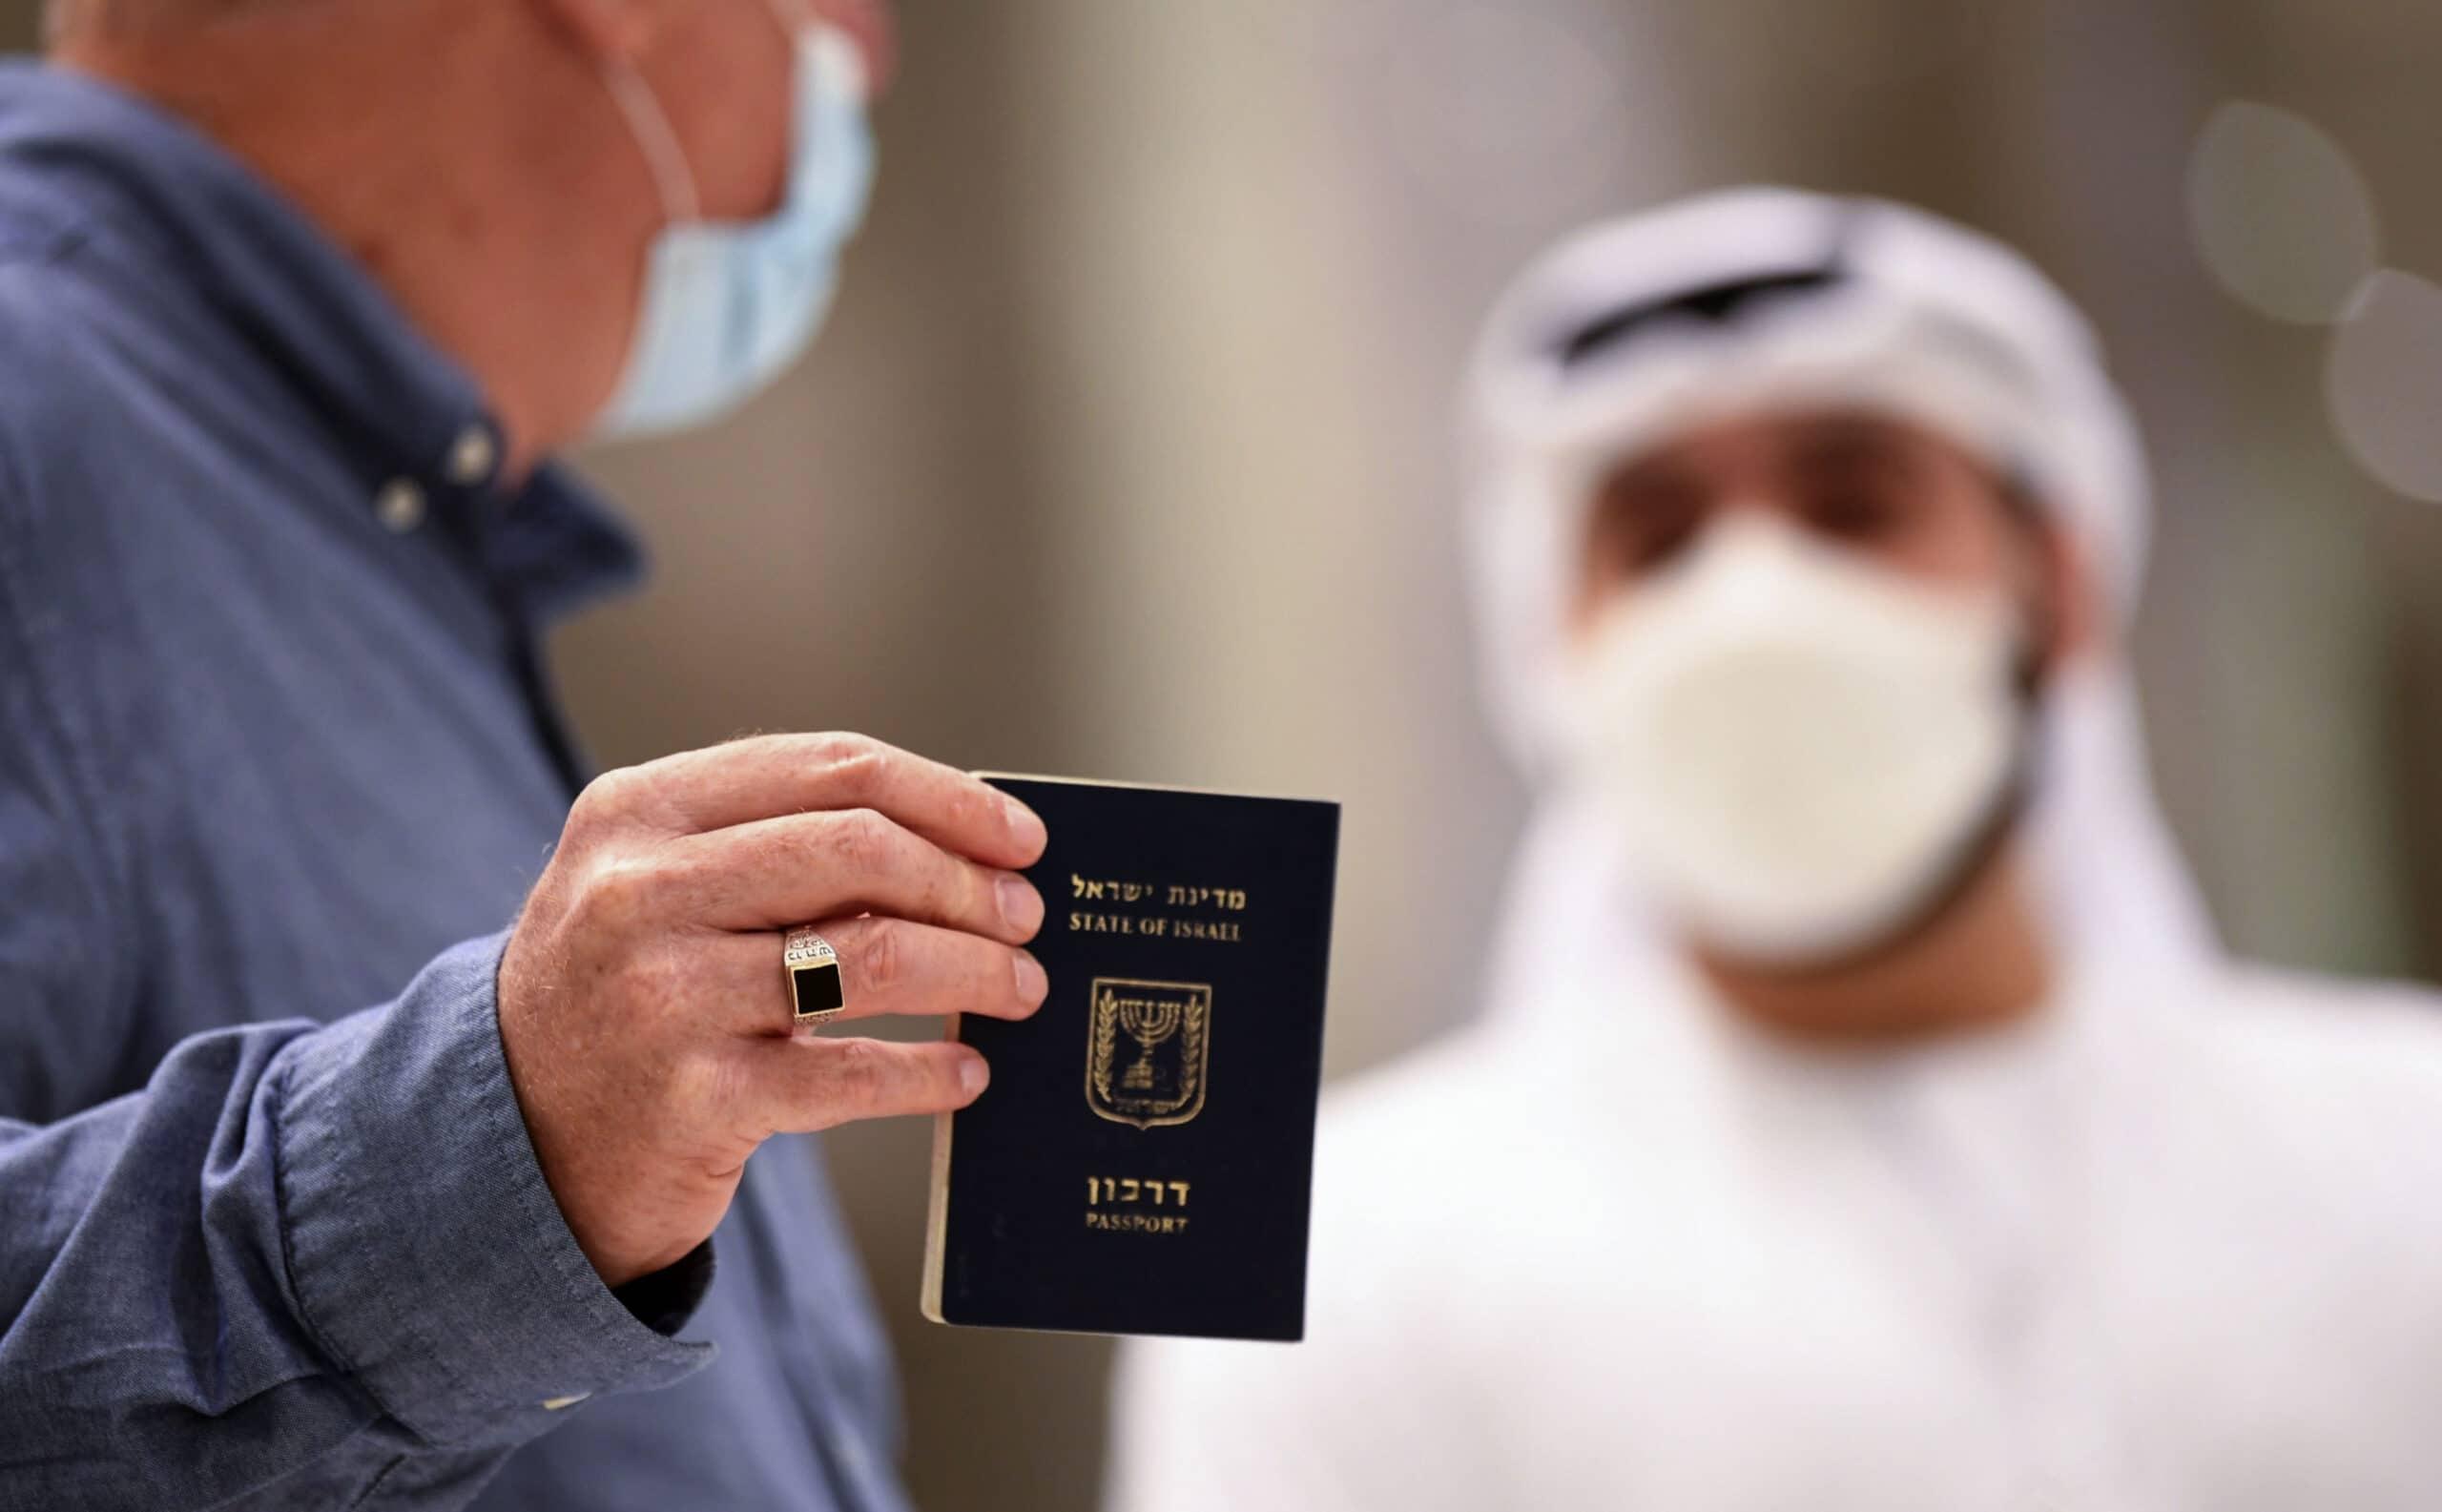 إسرائيل تطلب من الإمارات المساعدة في جمع معلومات حول جنودها المحتجزين في غزة